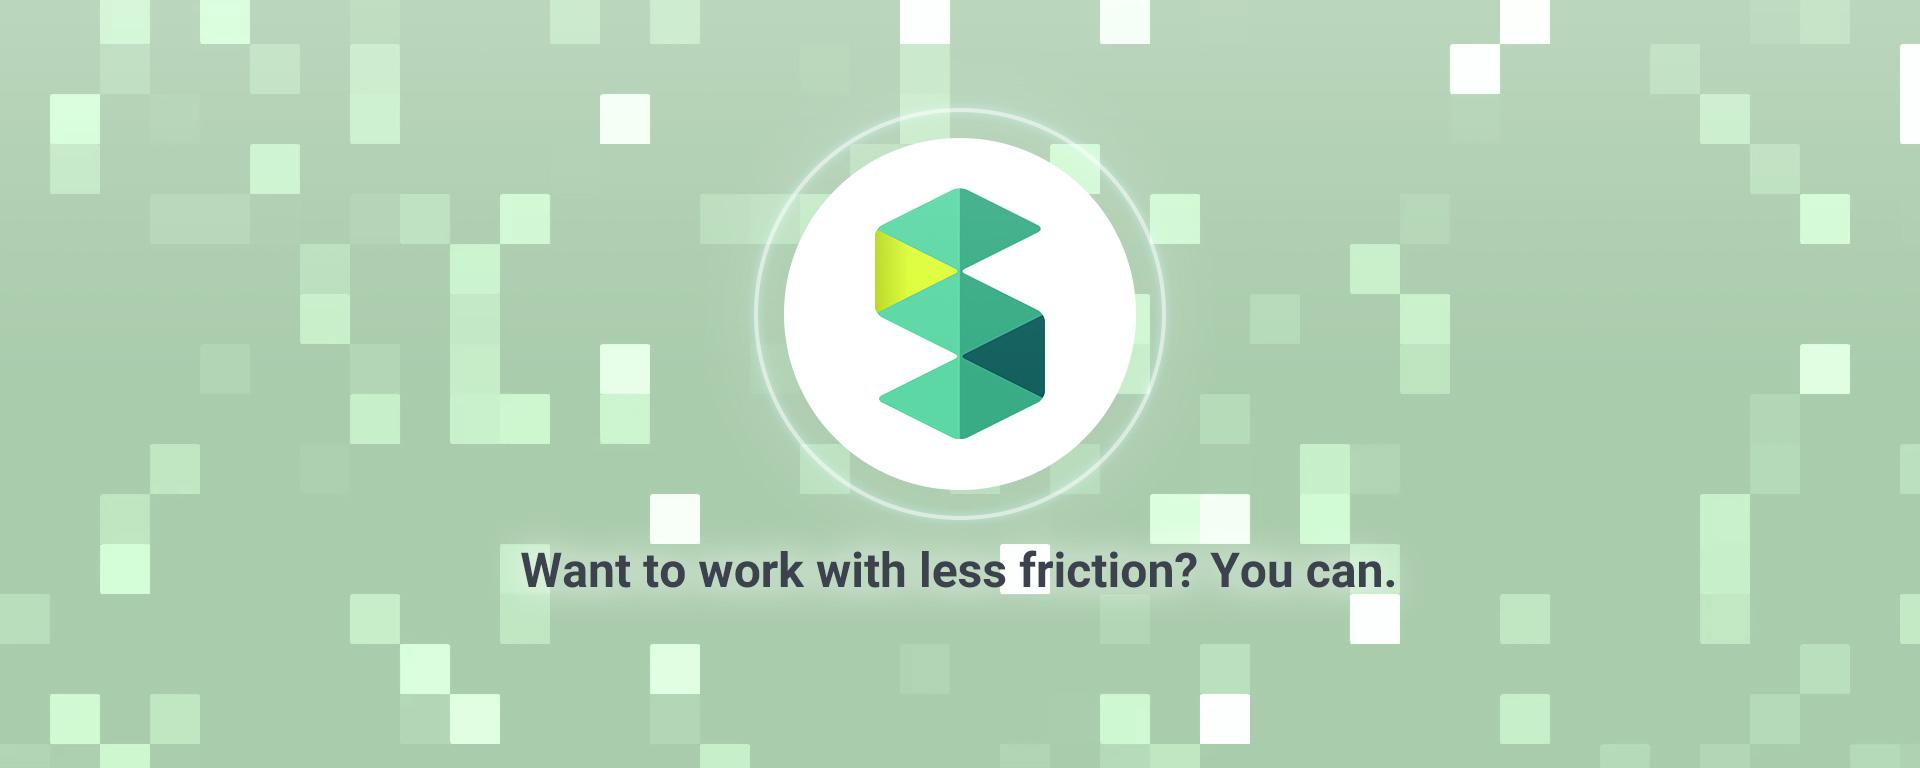 【新進気鋭のWiki】Scrapboxについて社内ユーザーにインタビューしてみました!